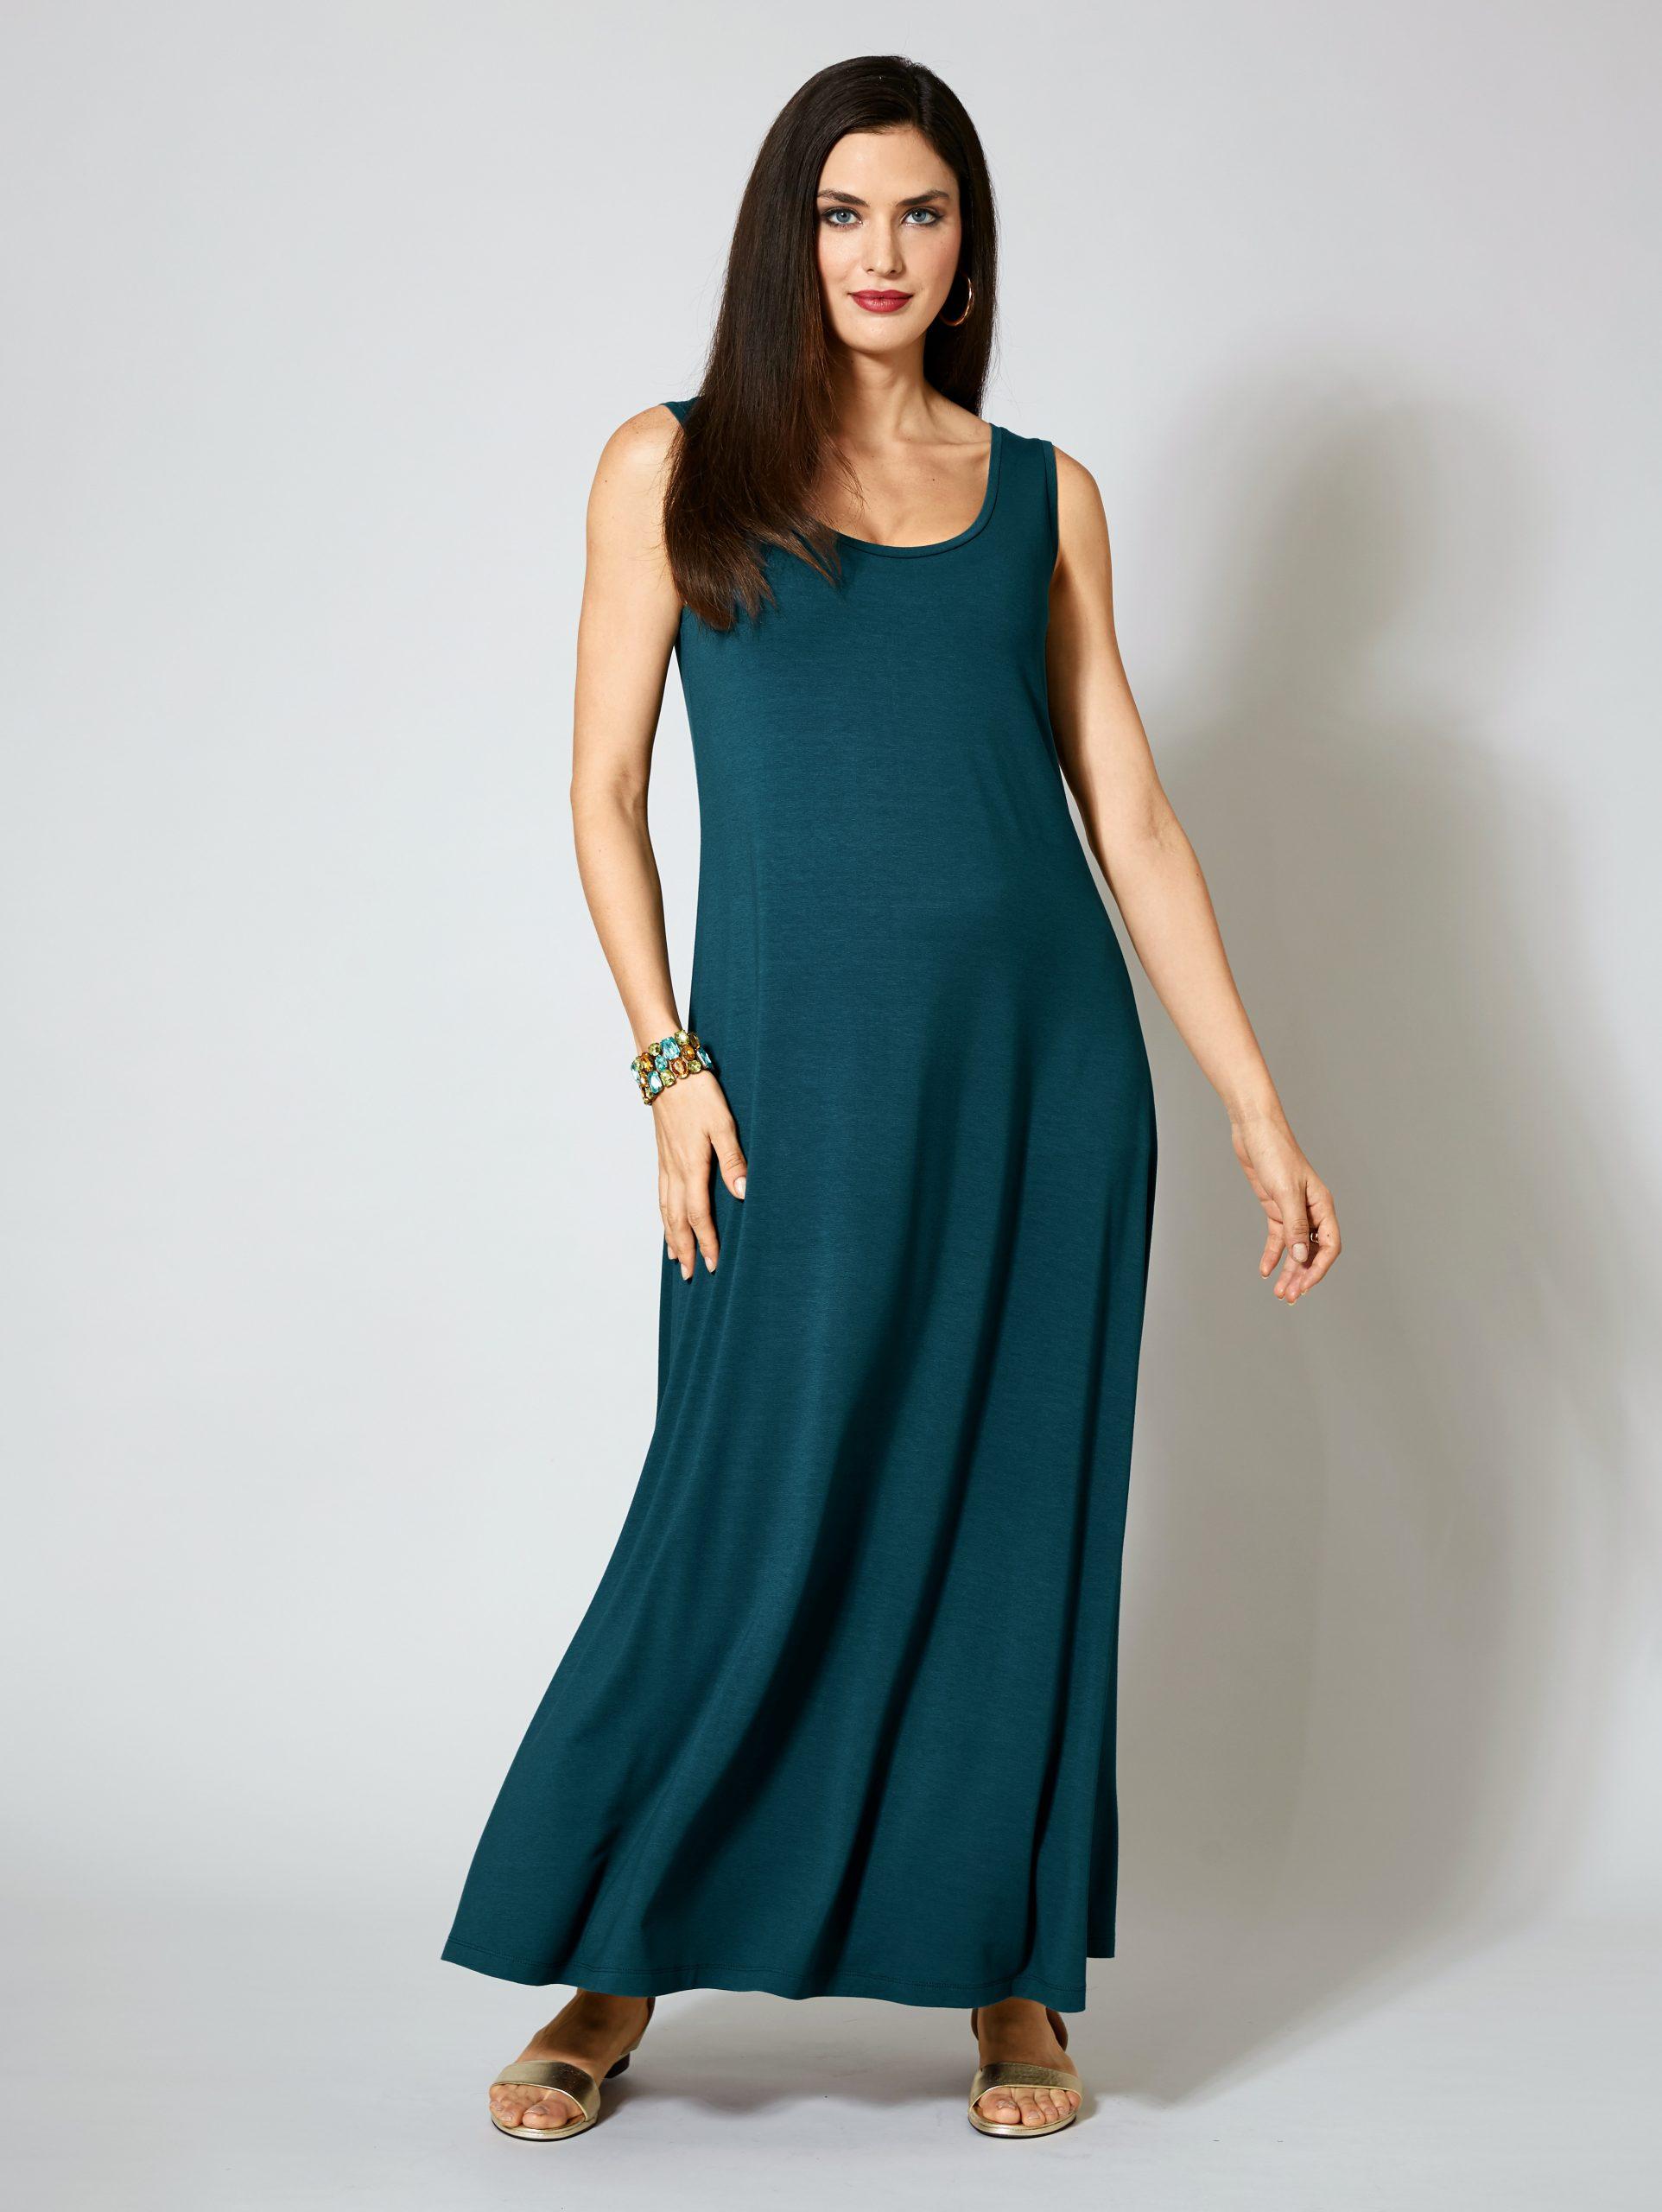 20 Coolste Orsay Abend Kleider Galerie10 Cool Orsay Abend Kleider Vertrieb